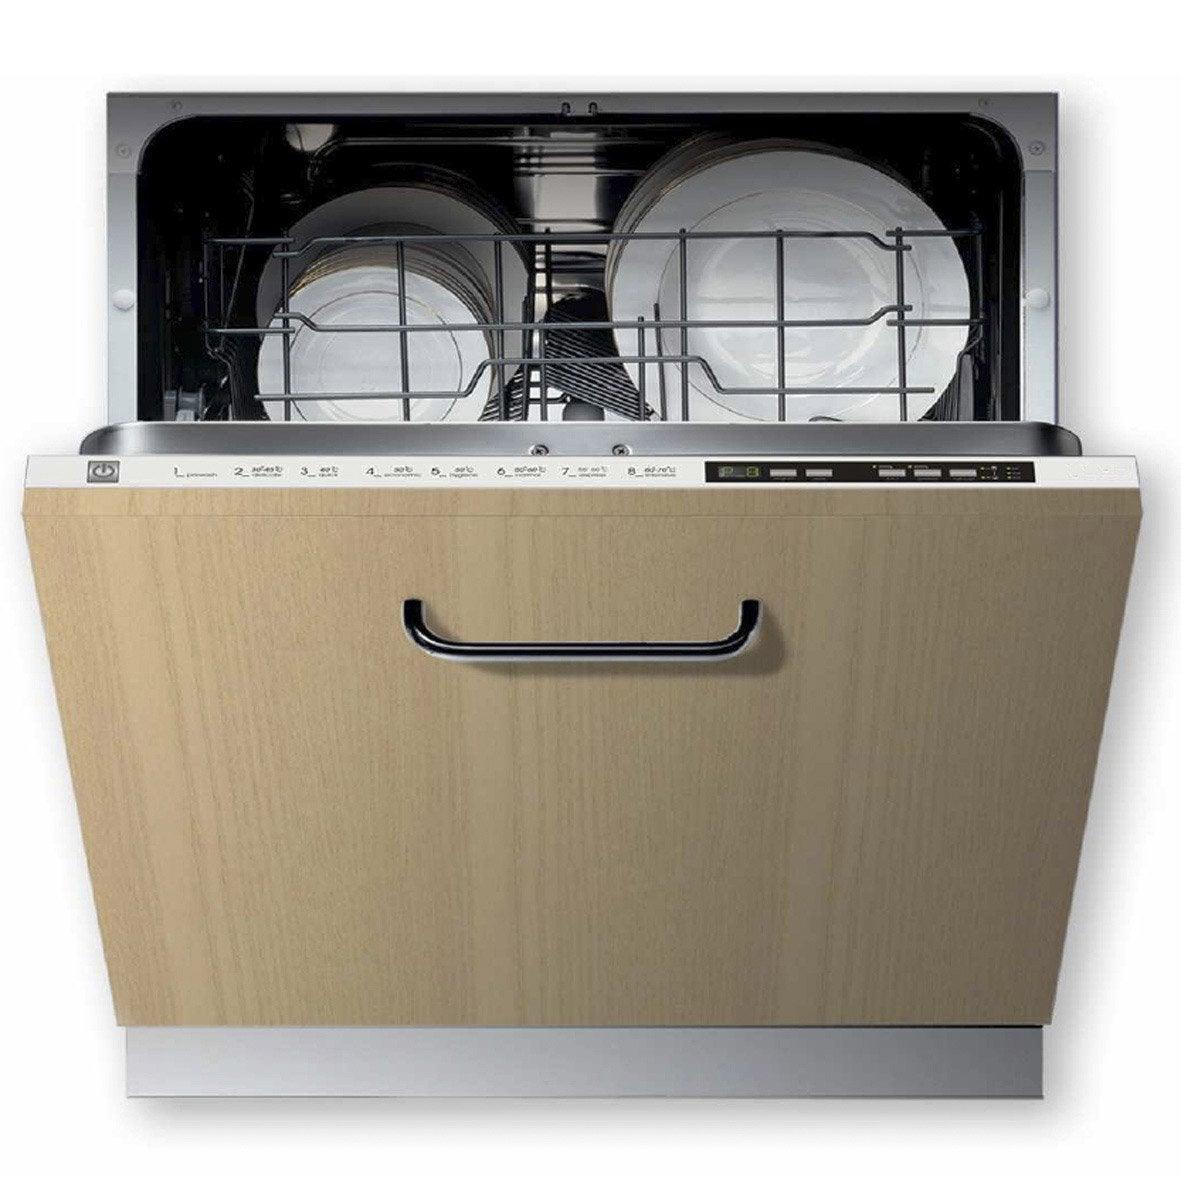 meuble encastrable lave vaisselle id es. Black Bedroom Furniture Sets. Home Design Ideas